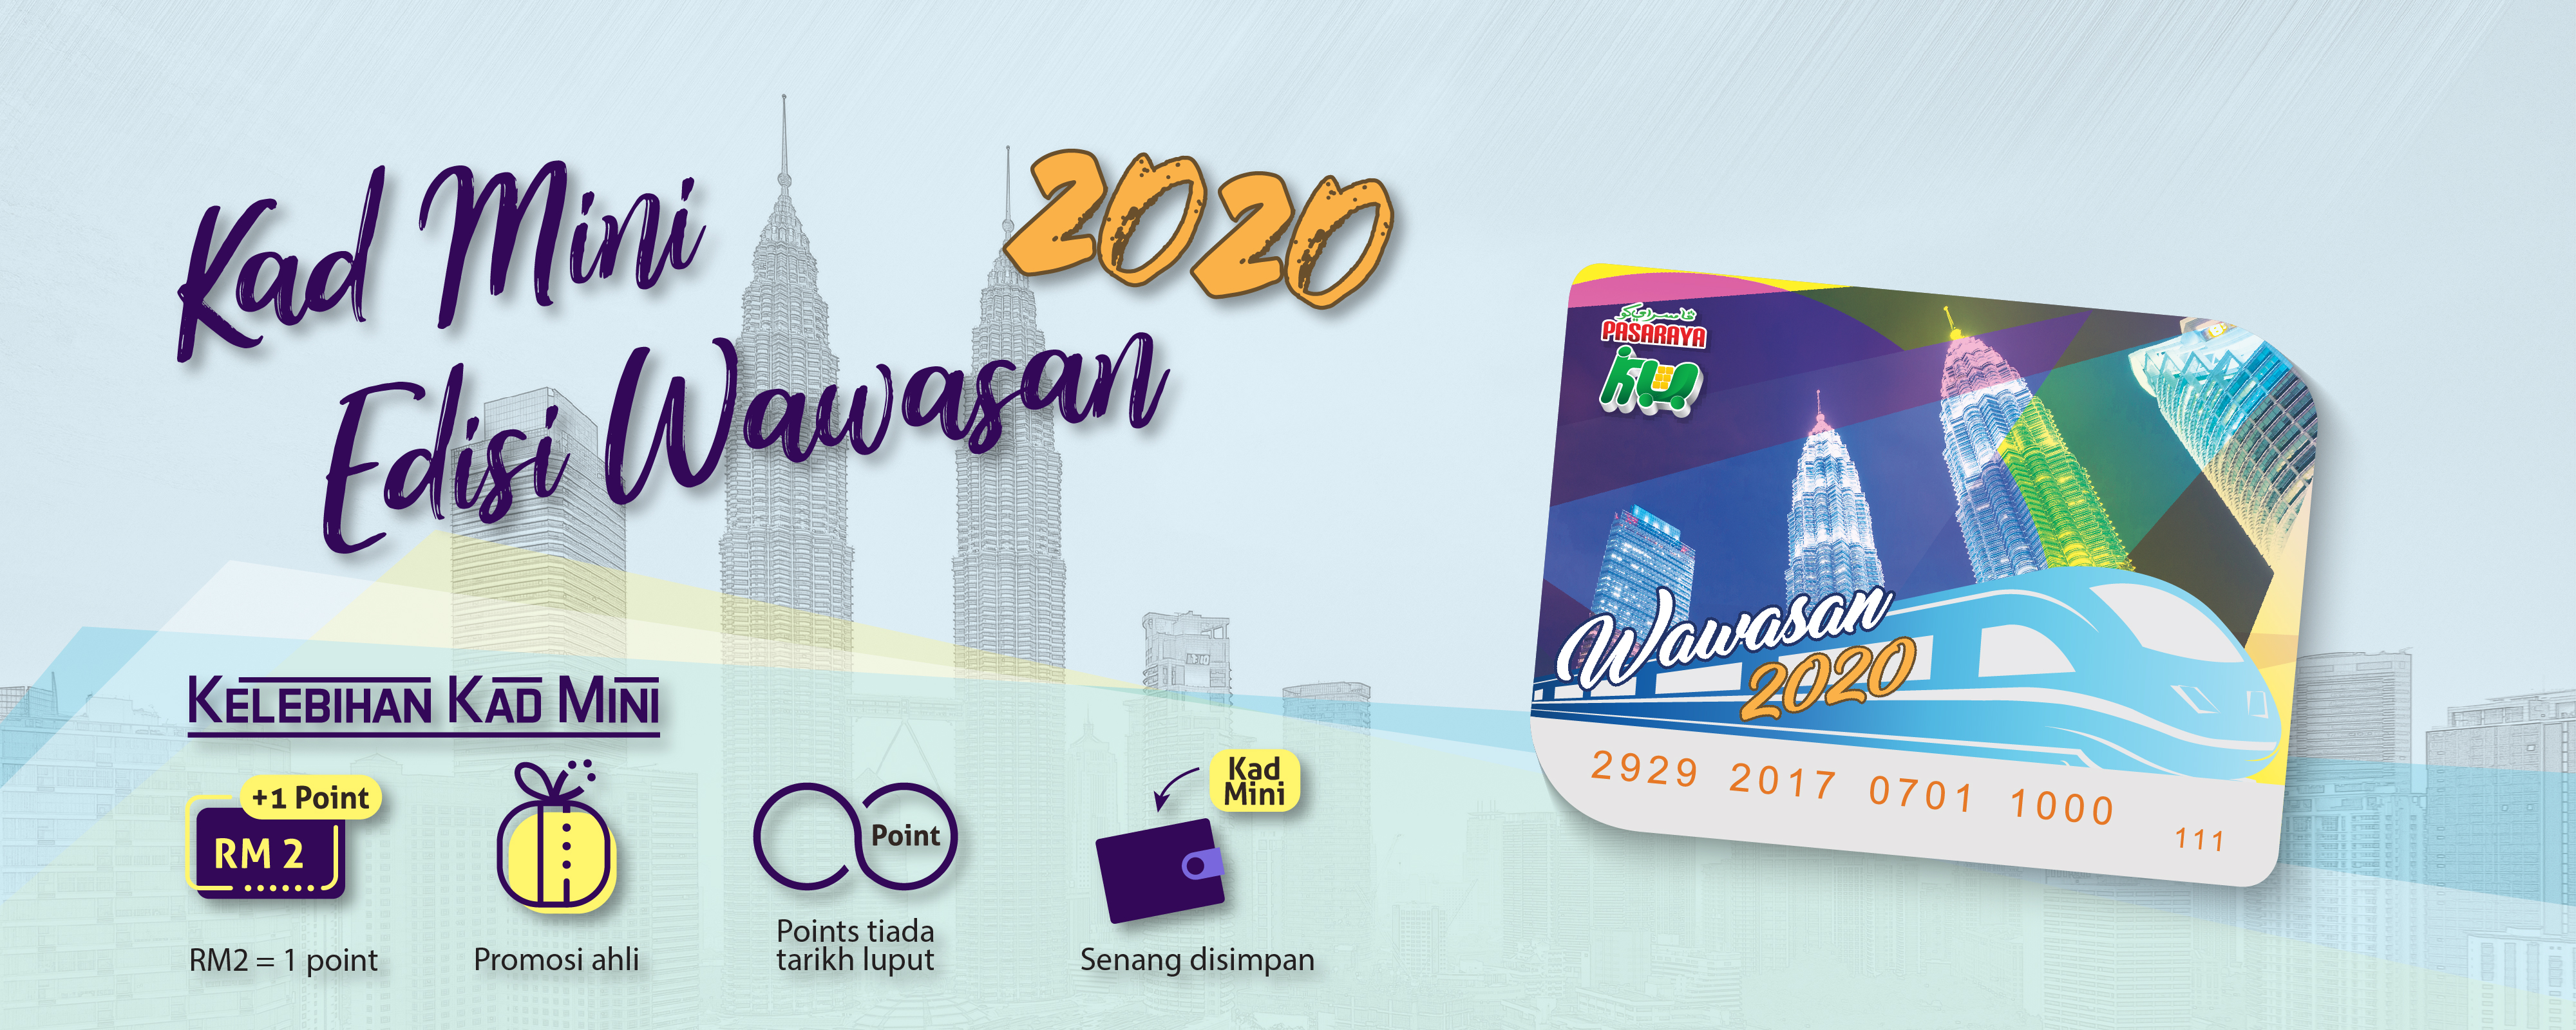 Kad Ahli 2020-1